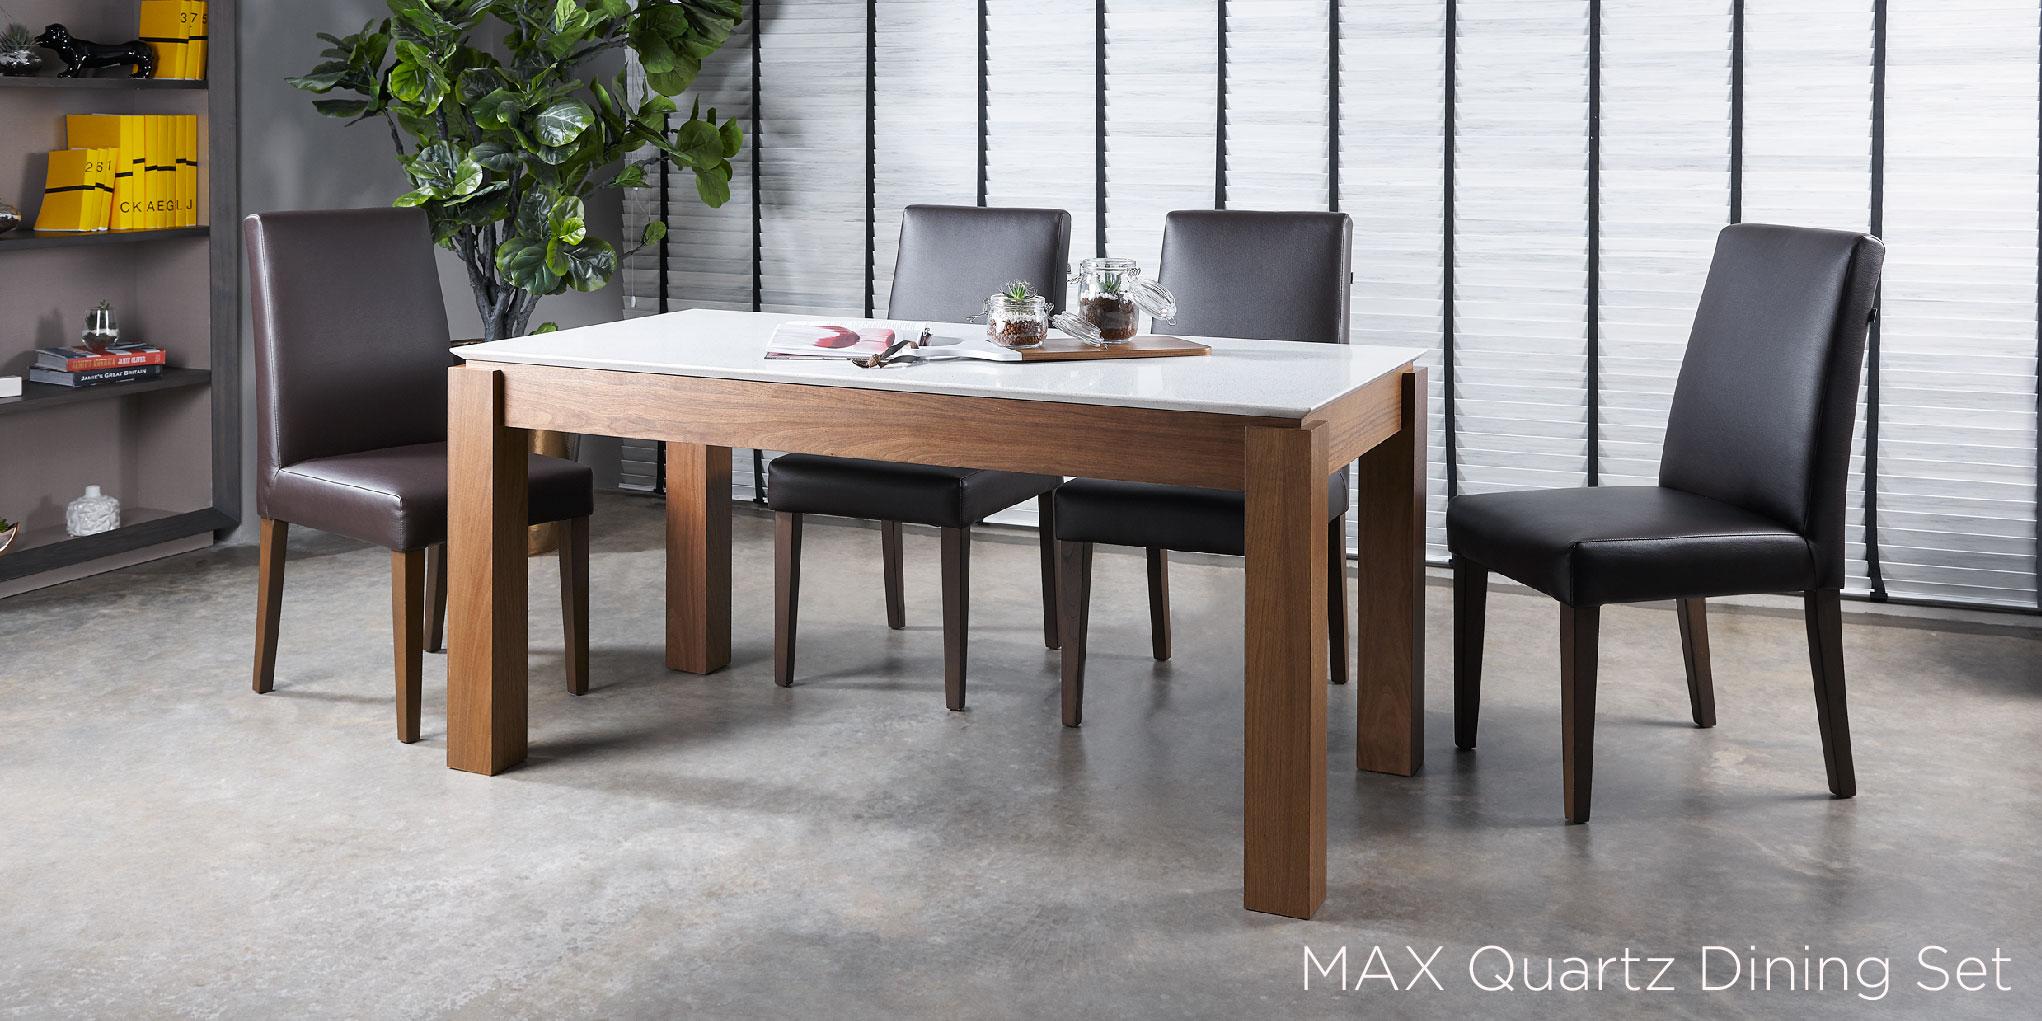 Max quartz 01 01